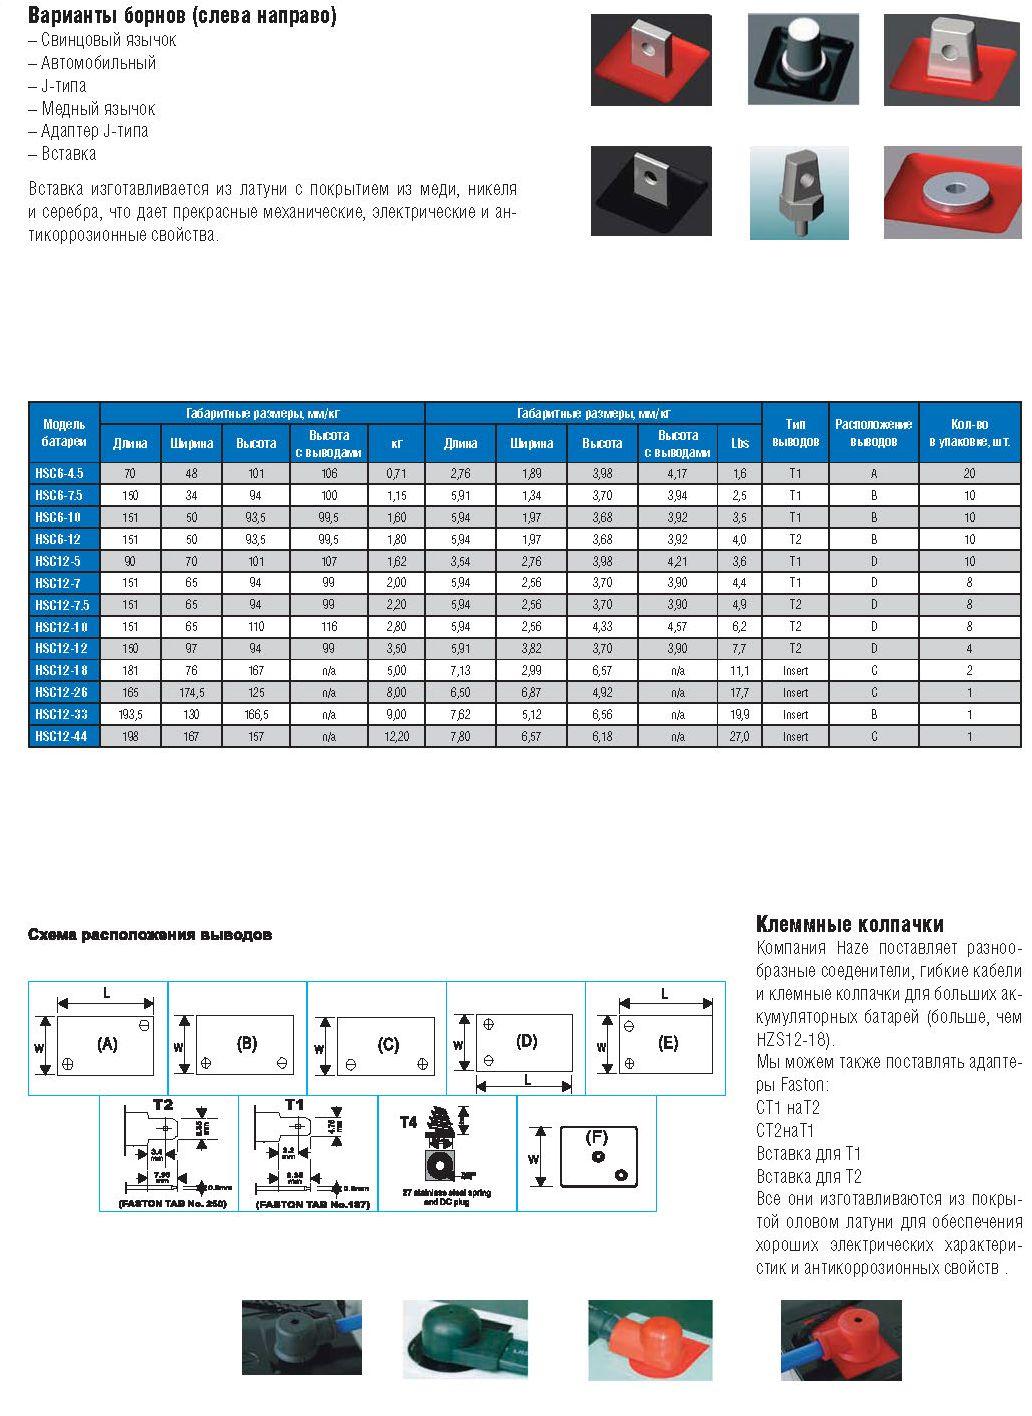 HSC_data1.jpg